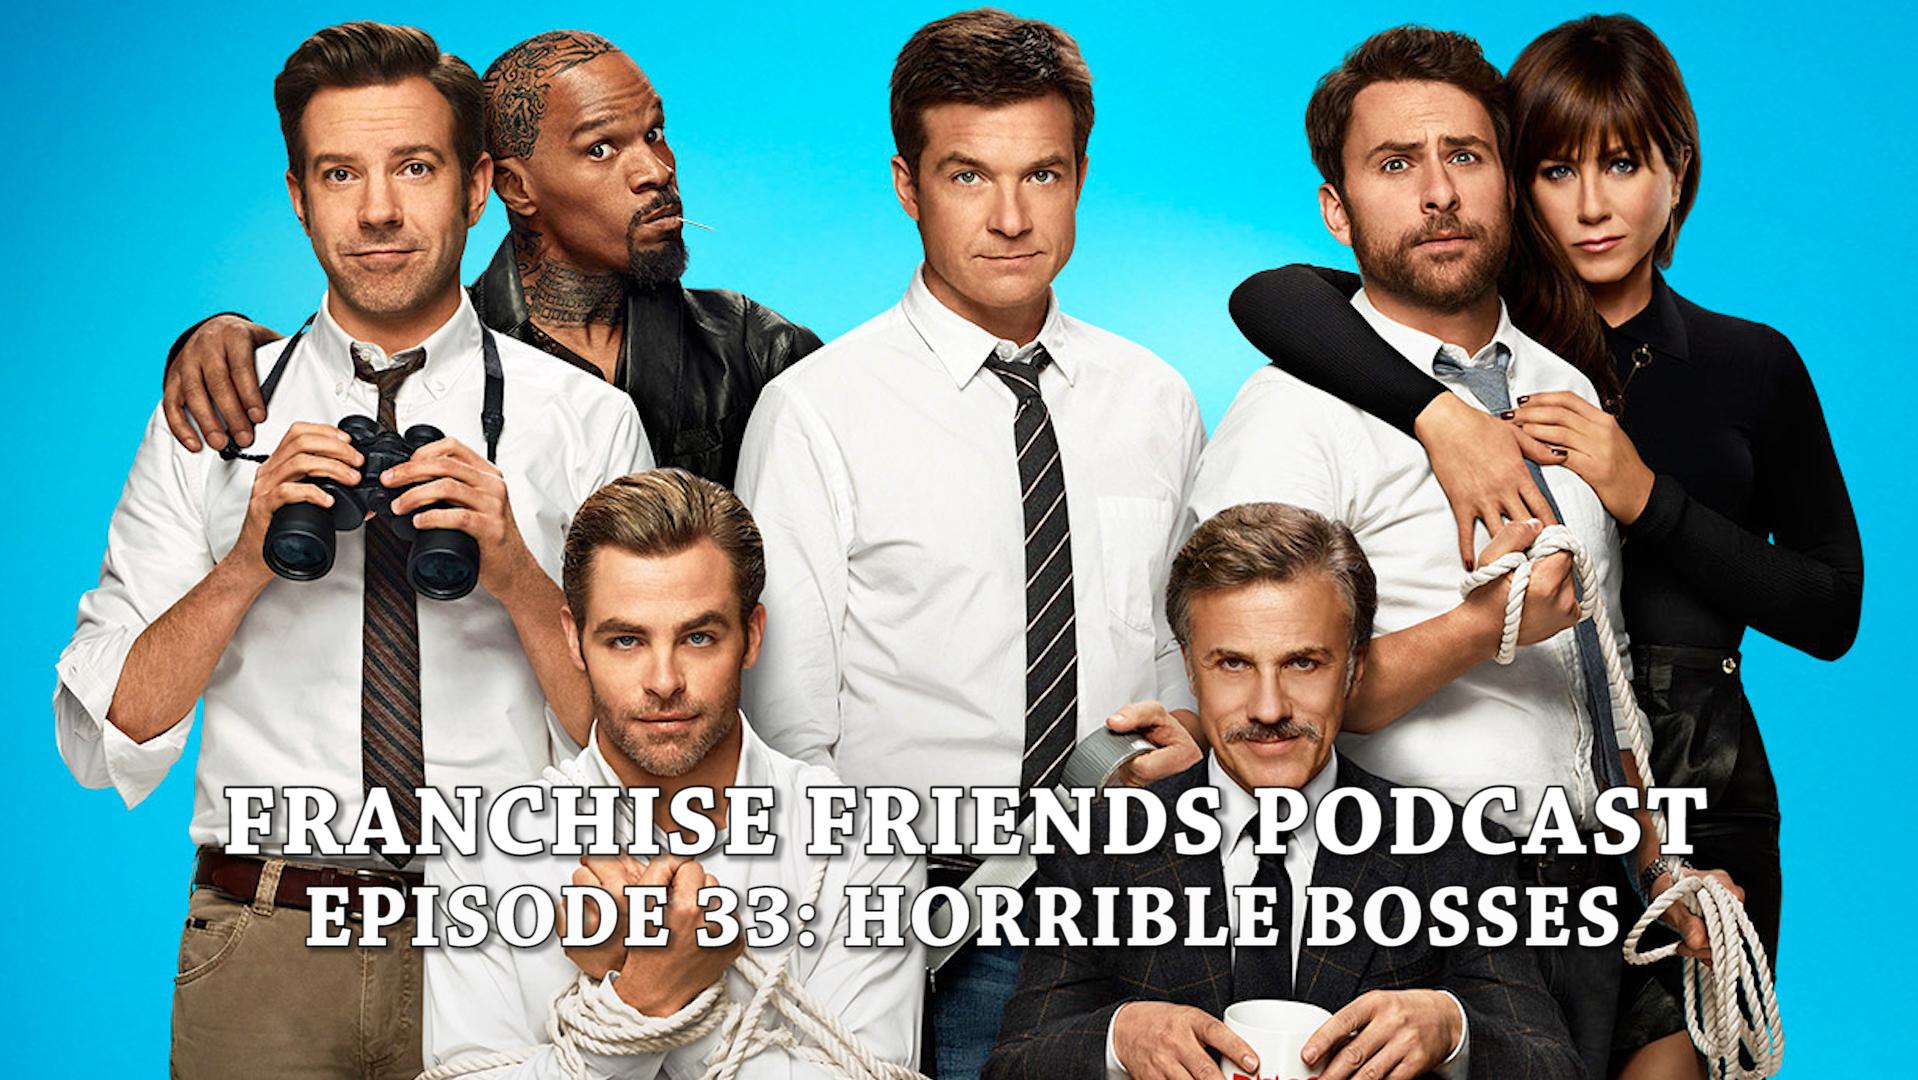 horriblebosses_franchisefriendspodcast